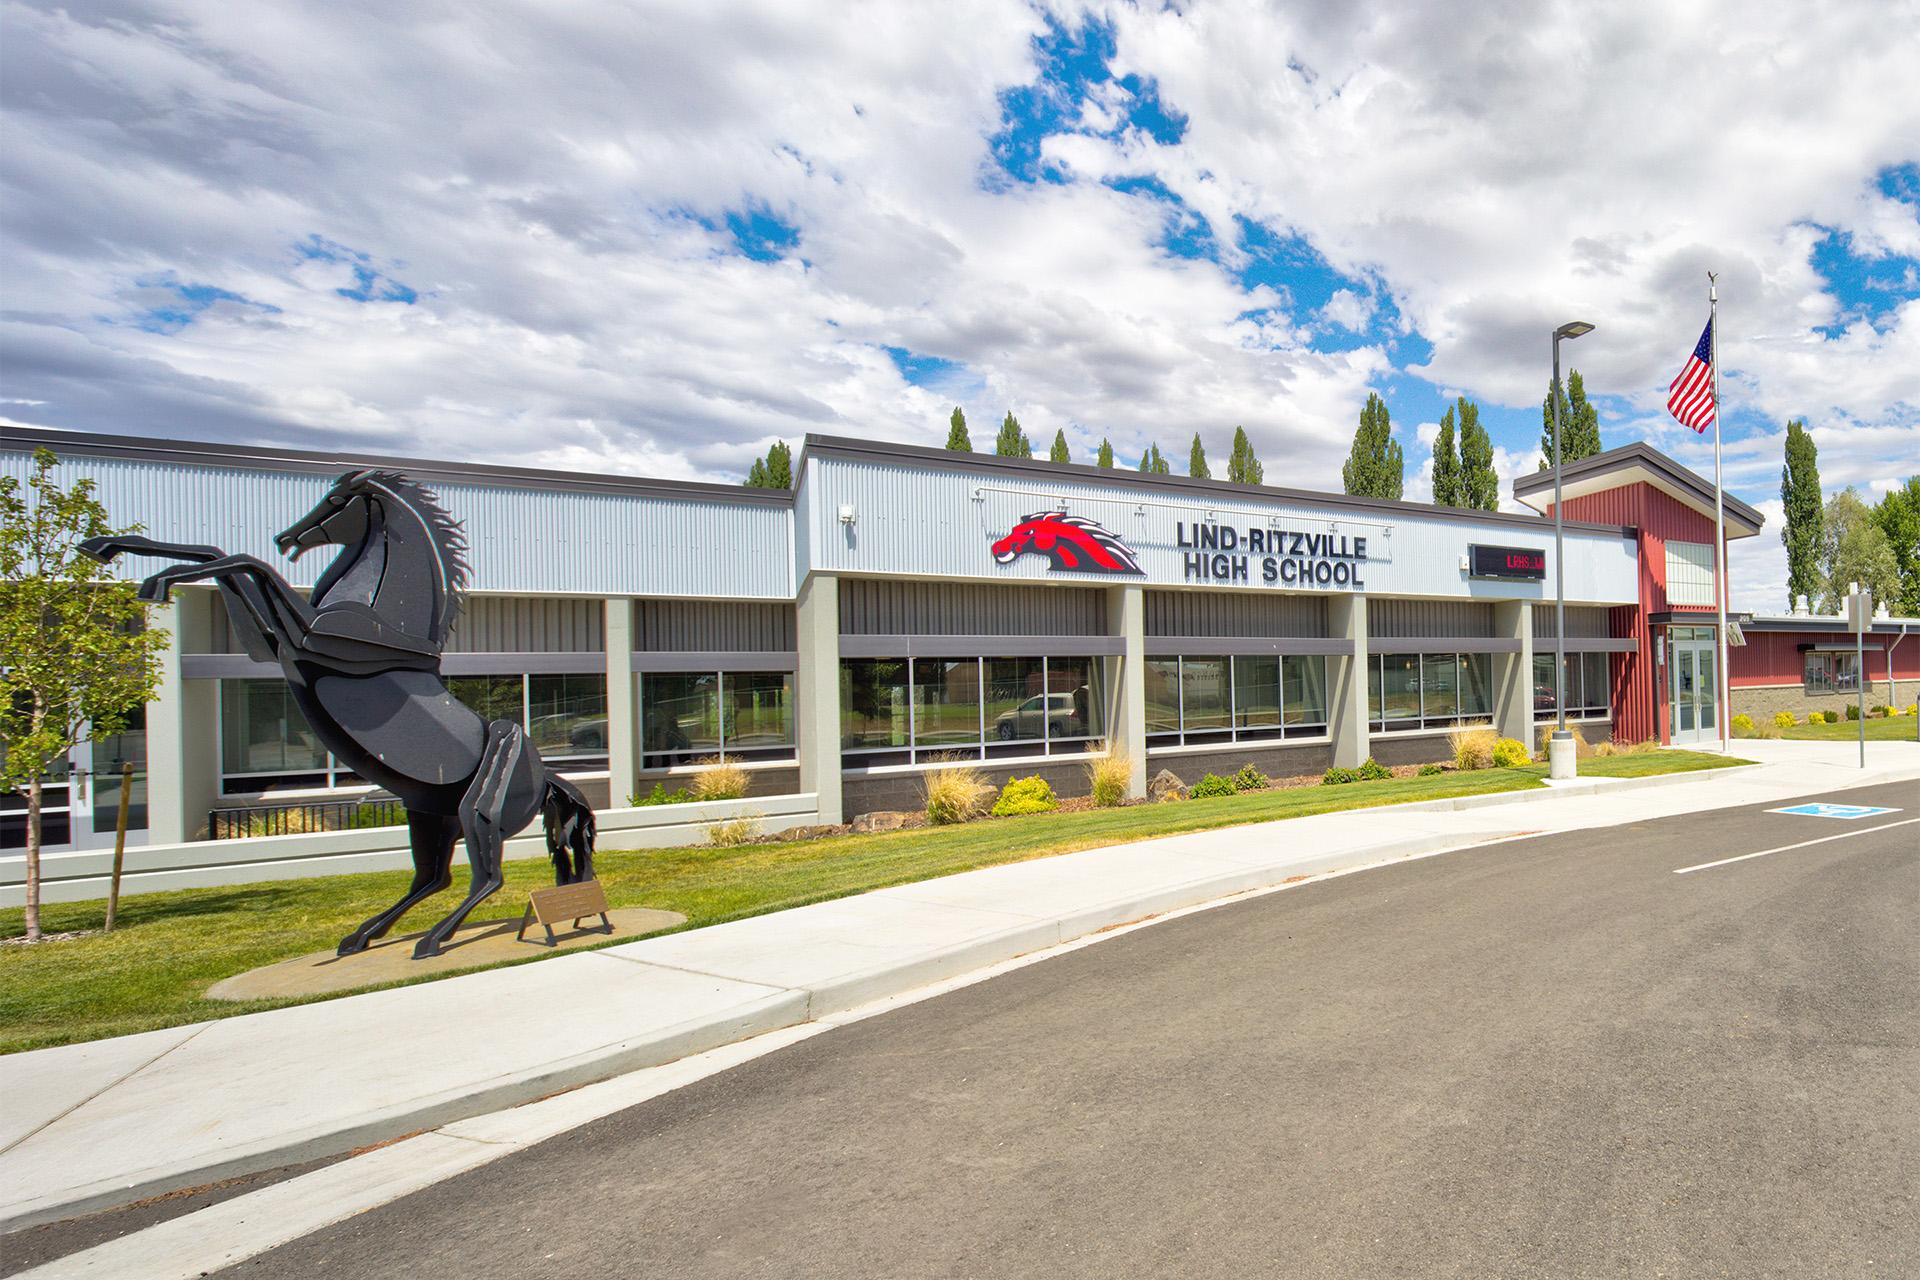 Lind-Ritzville High School Modernizations